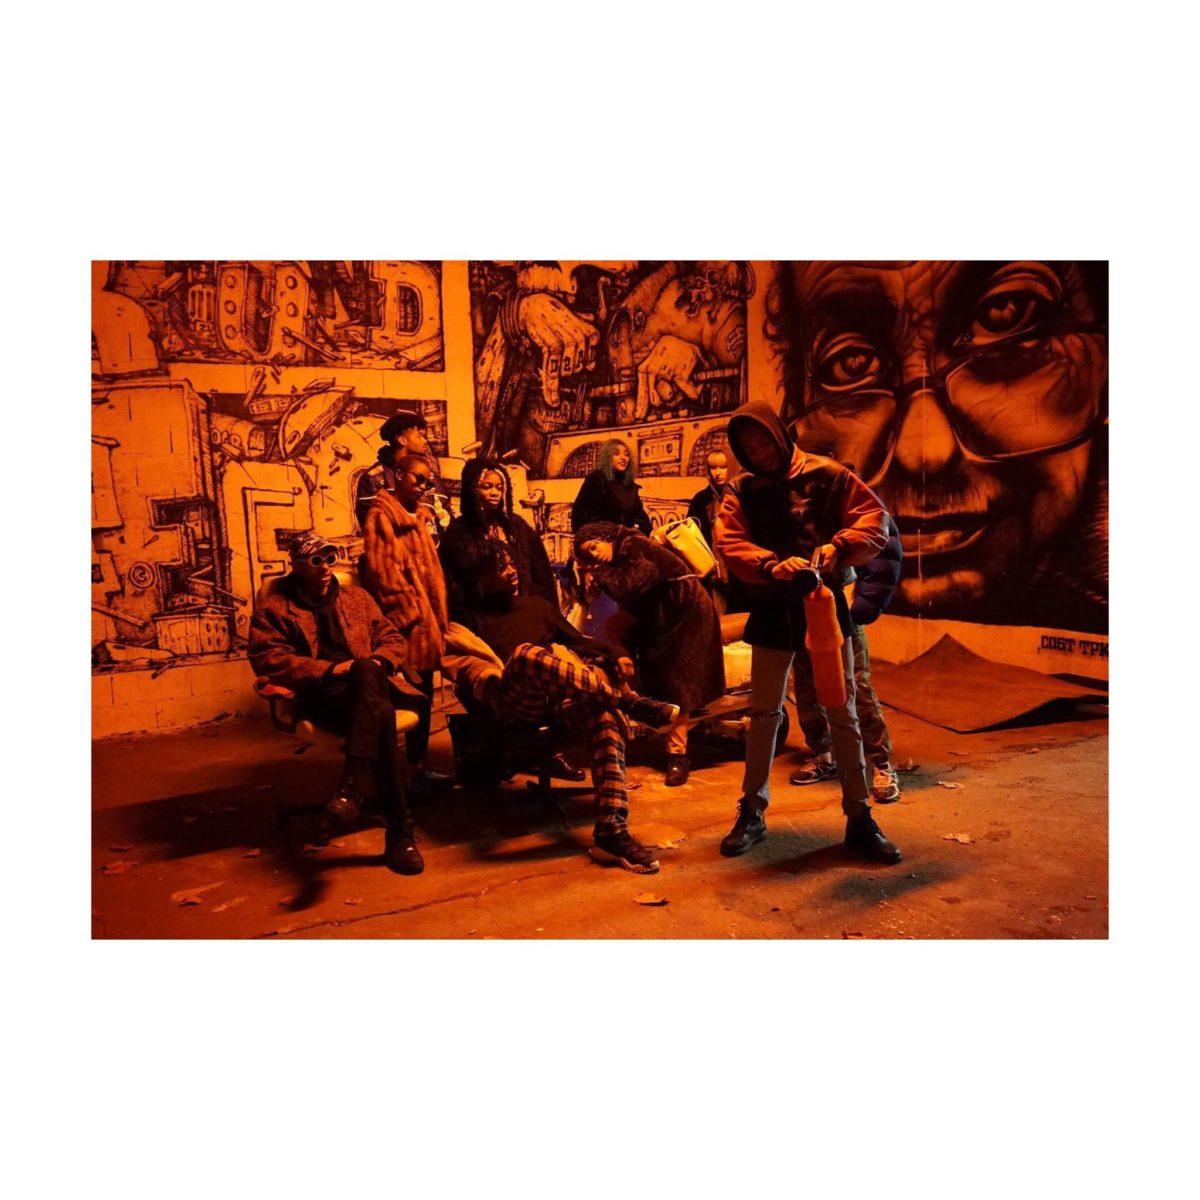 goodirtysound 6 gds squat soirees paris underground - Goodirtysound, le collectif qui secoue les nuits parisiennes, recherche un nouveau spot !